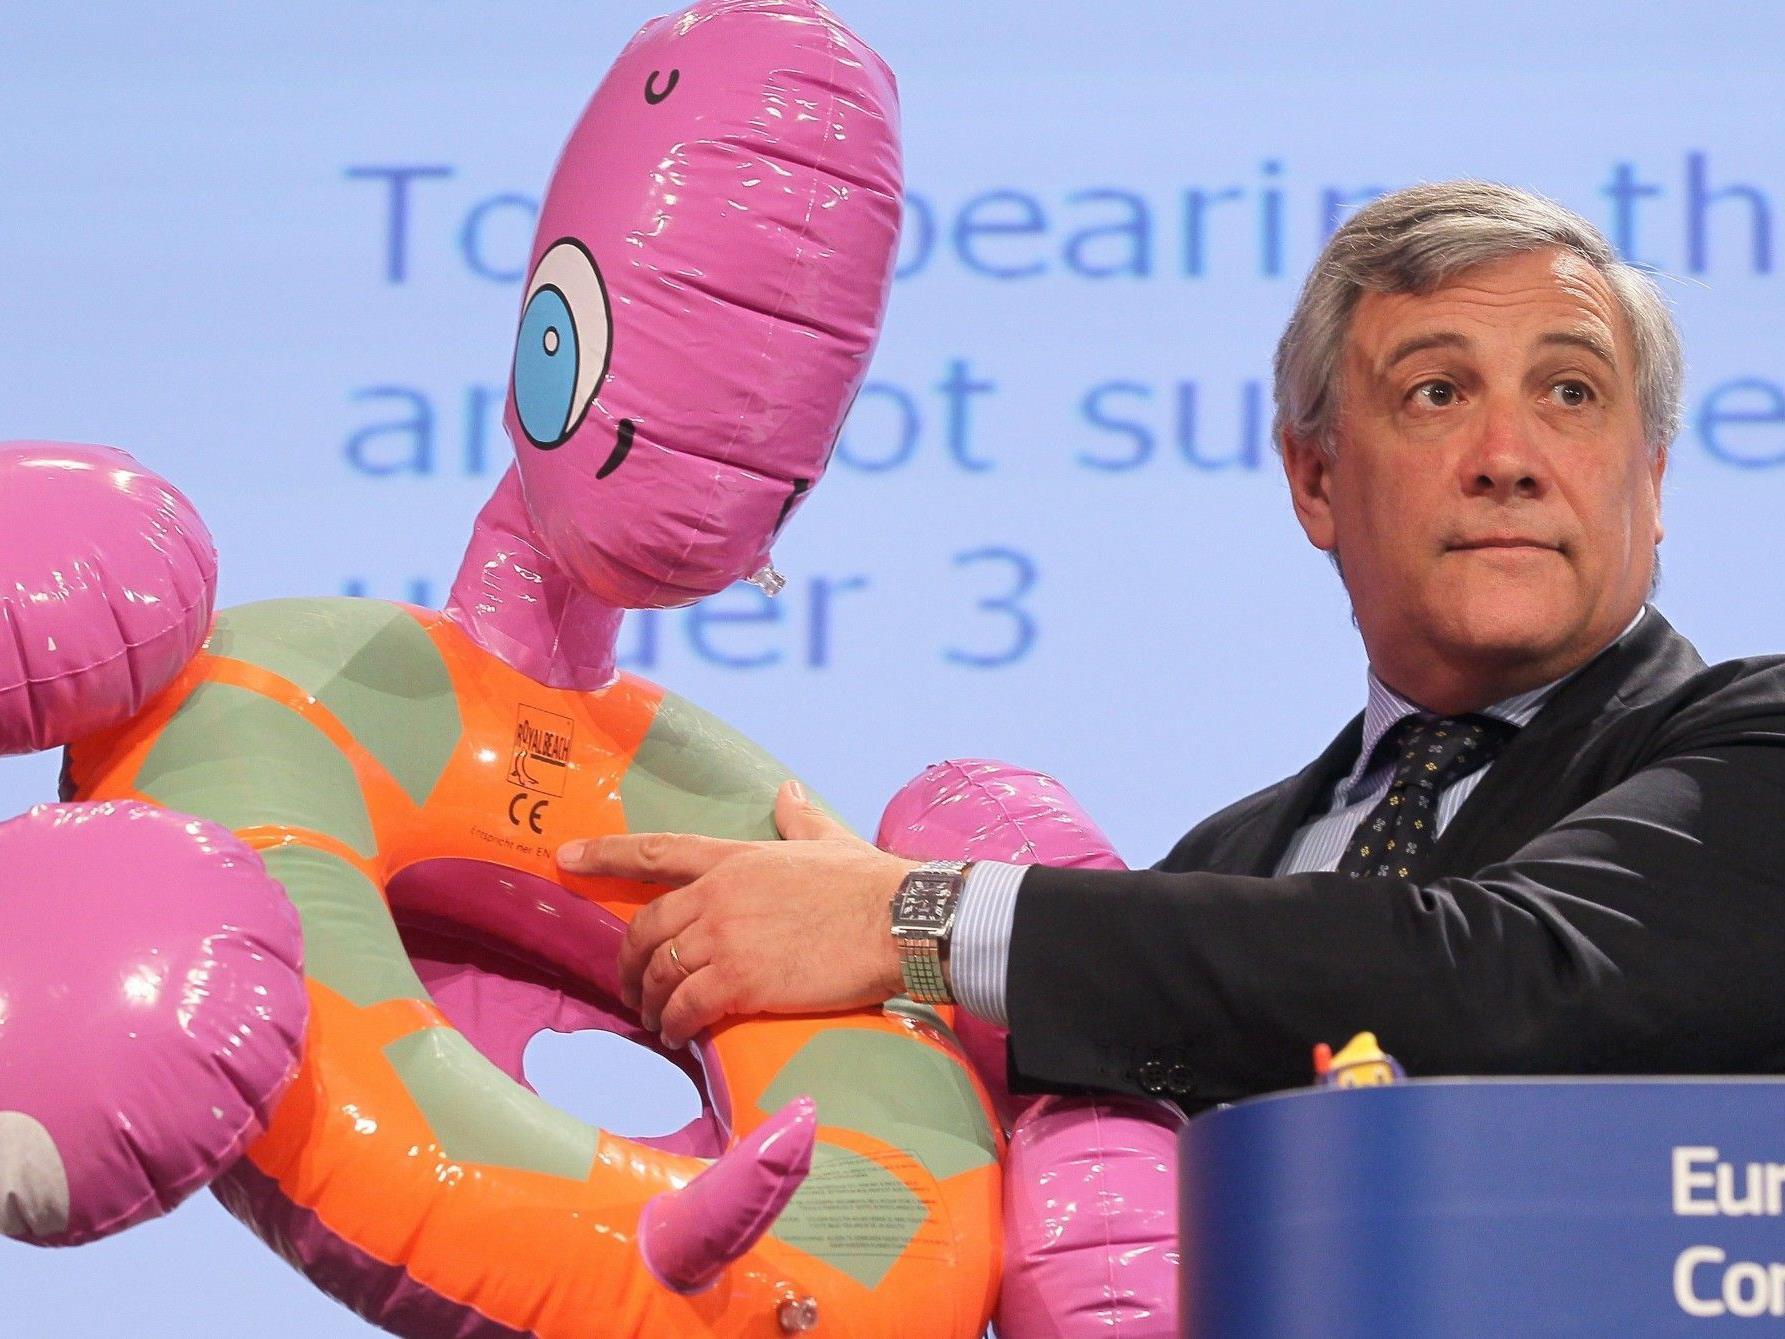 Insbesondere warnte die EU-Kommission davor, Spielzeug ohne CE-Kennzeichen zu kaufen.